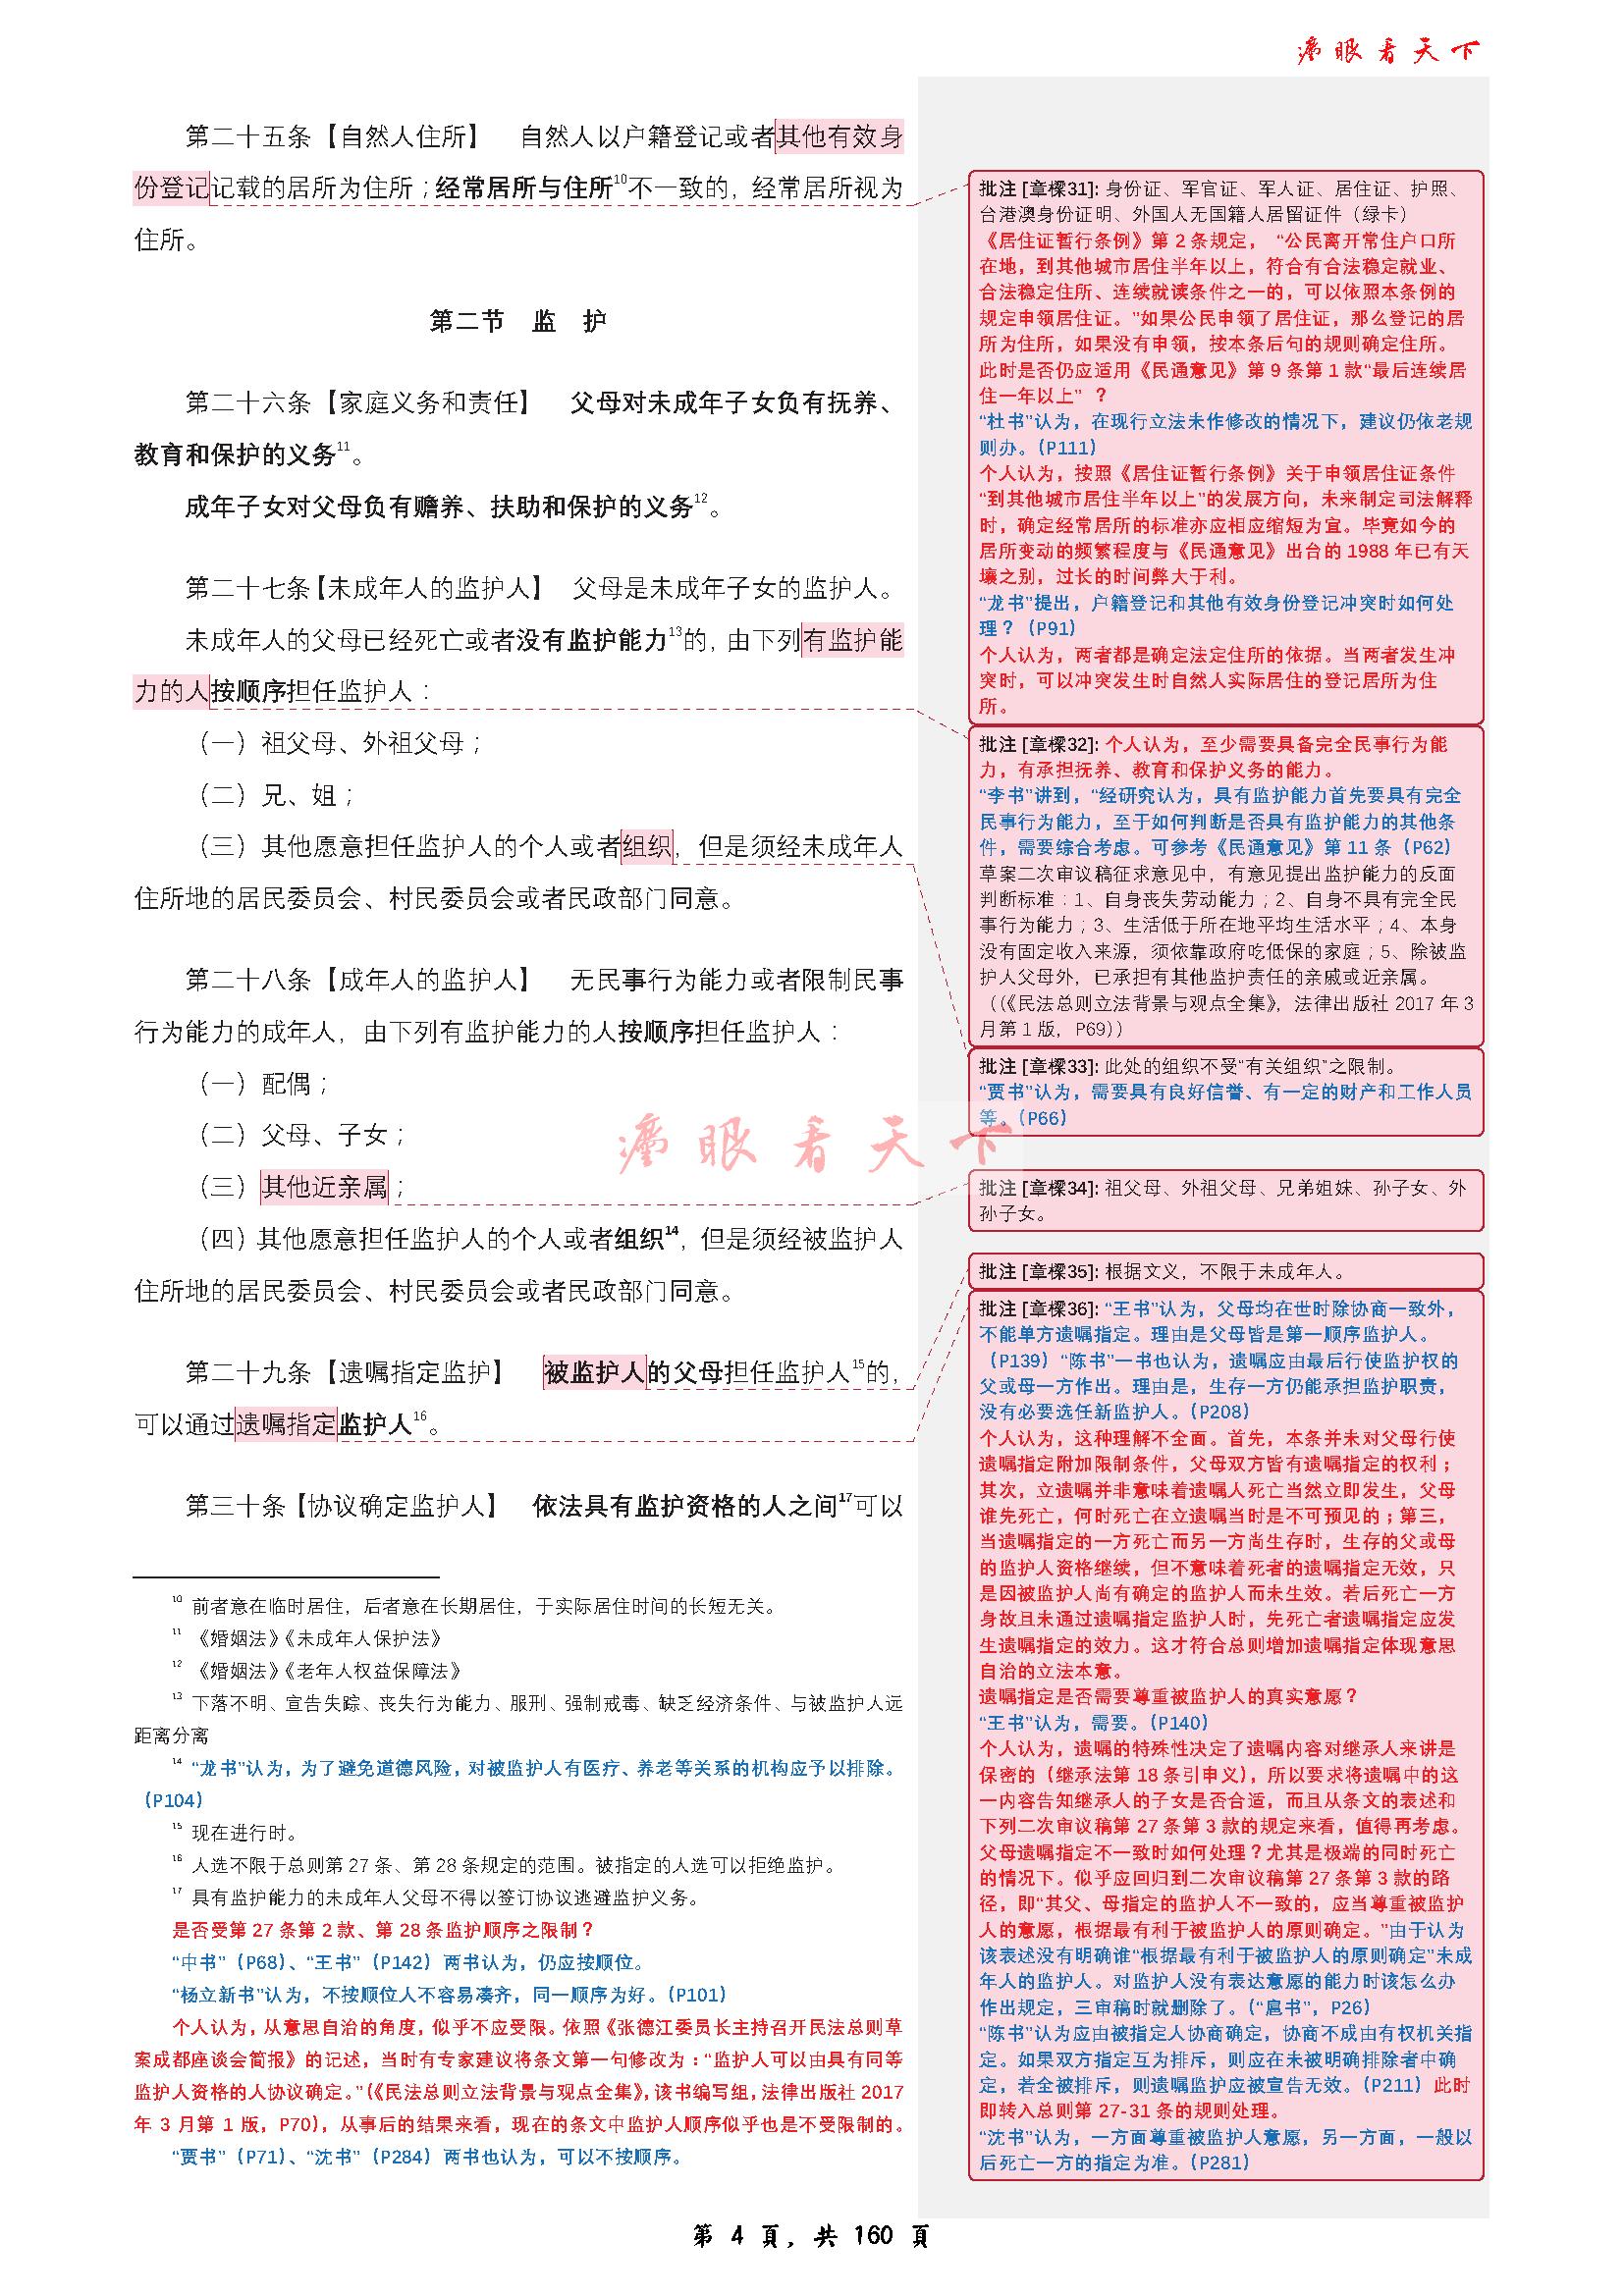 民法总则批注_页面_04.png